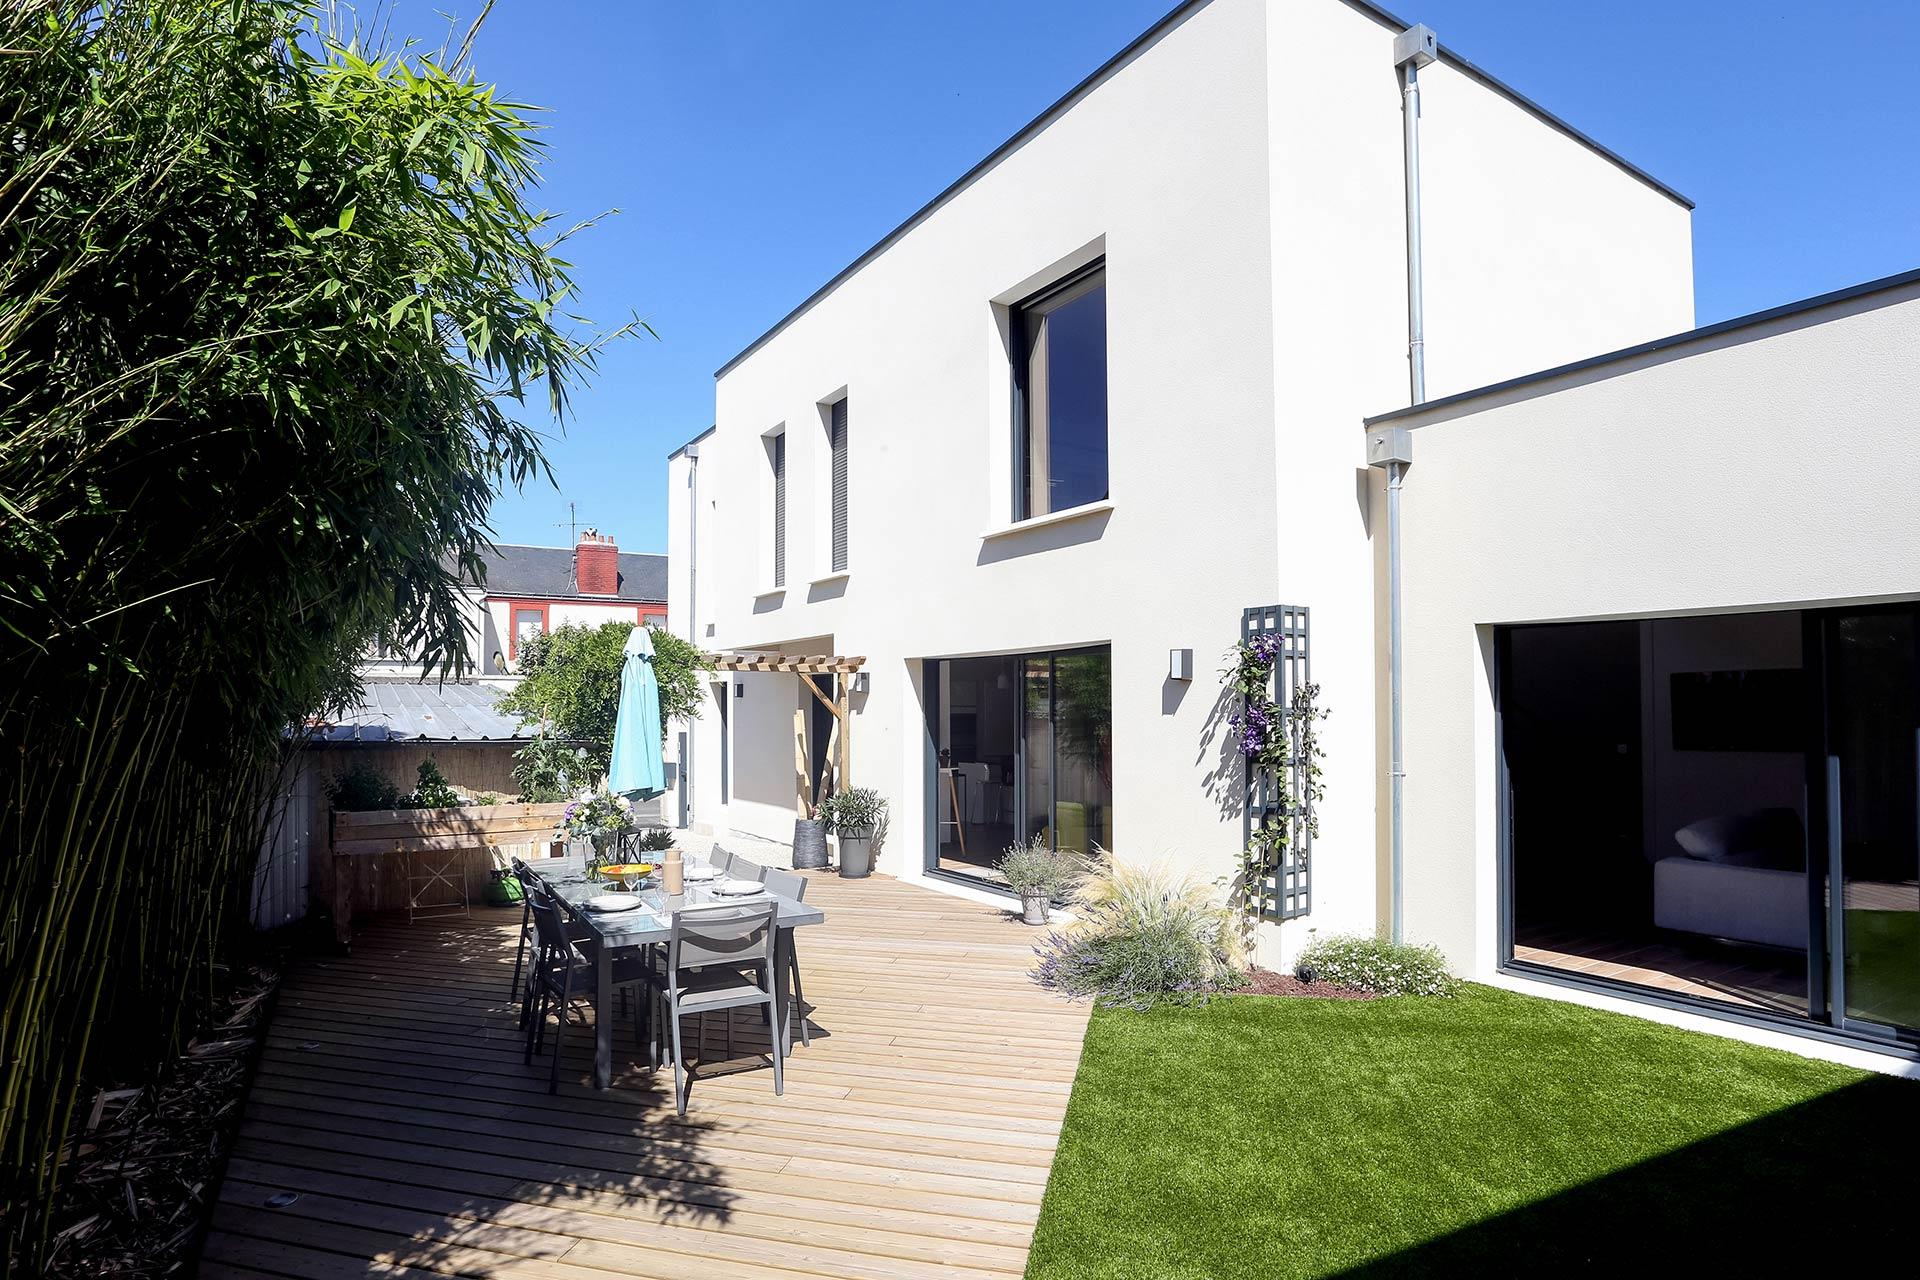 Entreprise du paysage, Serrault Jardins réalise des jardins sur-mesure dans diverses communes comme Rochecorbon.